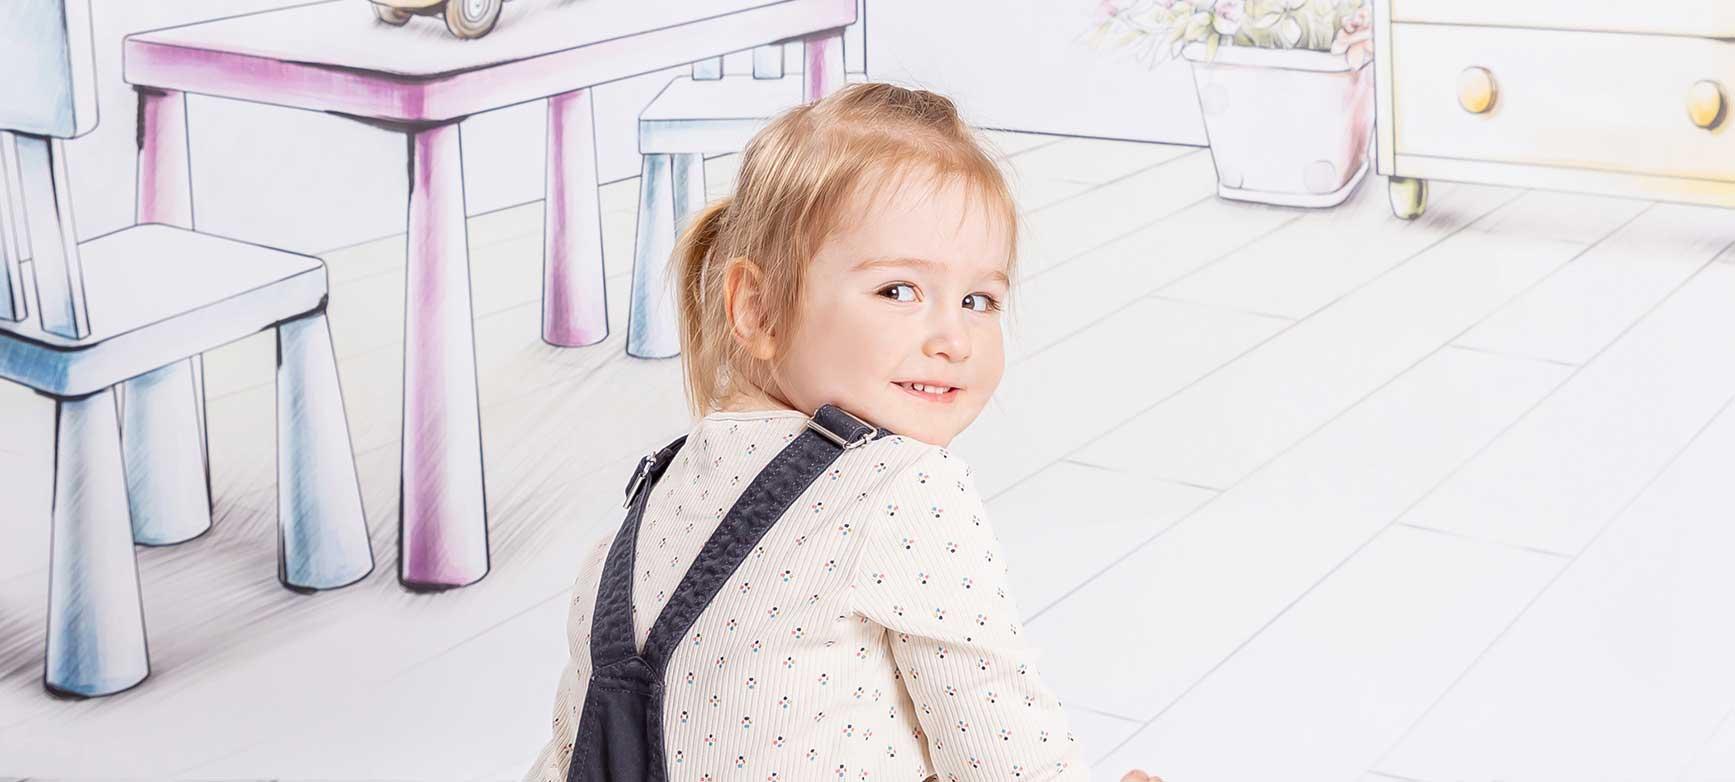 second hand online shop - gebrauchte kleidung für kinder